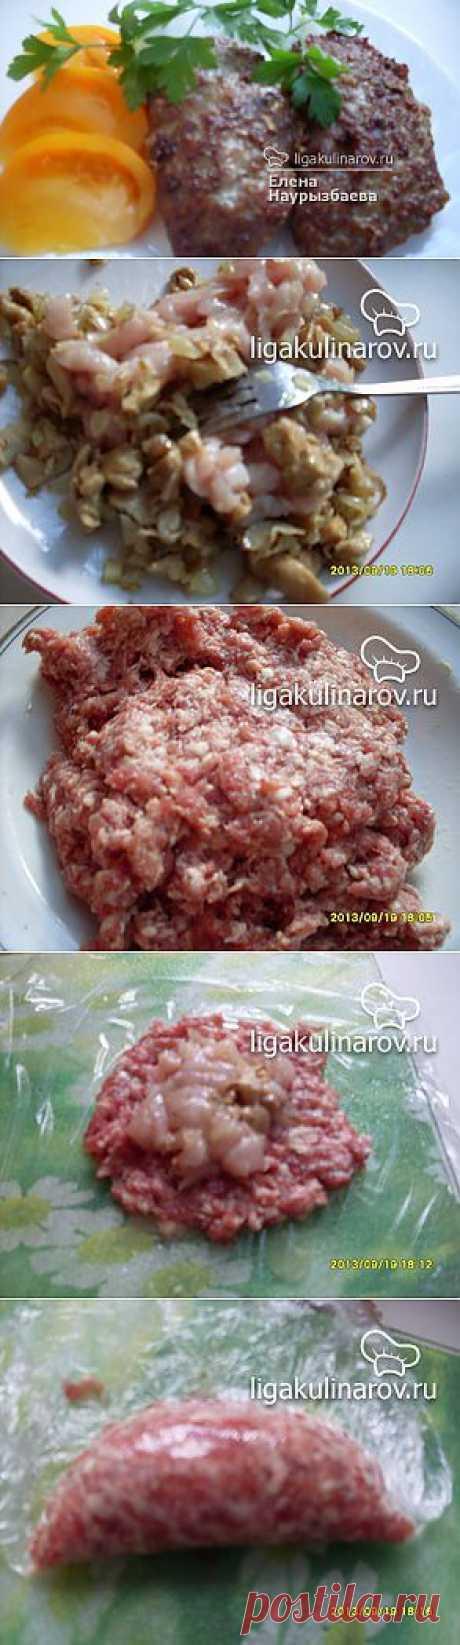 Зразы с куриной грудкой и грибами – рецепт с фото от Лиги Кулинаров, пошаговый рецепт